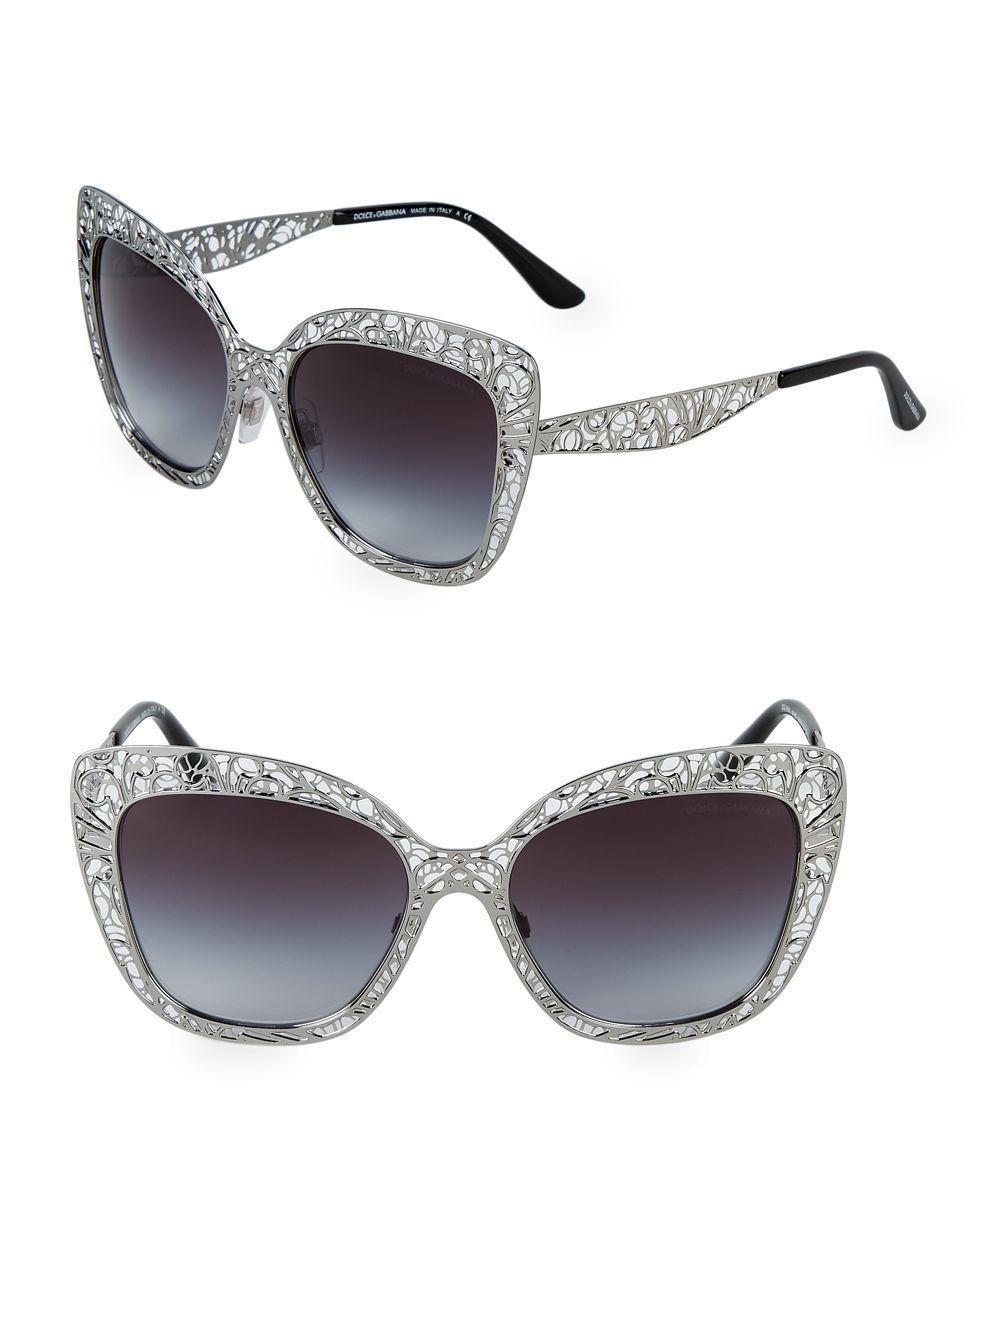 11d9ff7776e Lyst - Dolce   Gabbana Lace Lattice 56mm Square Sunglasses